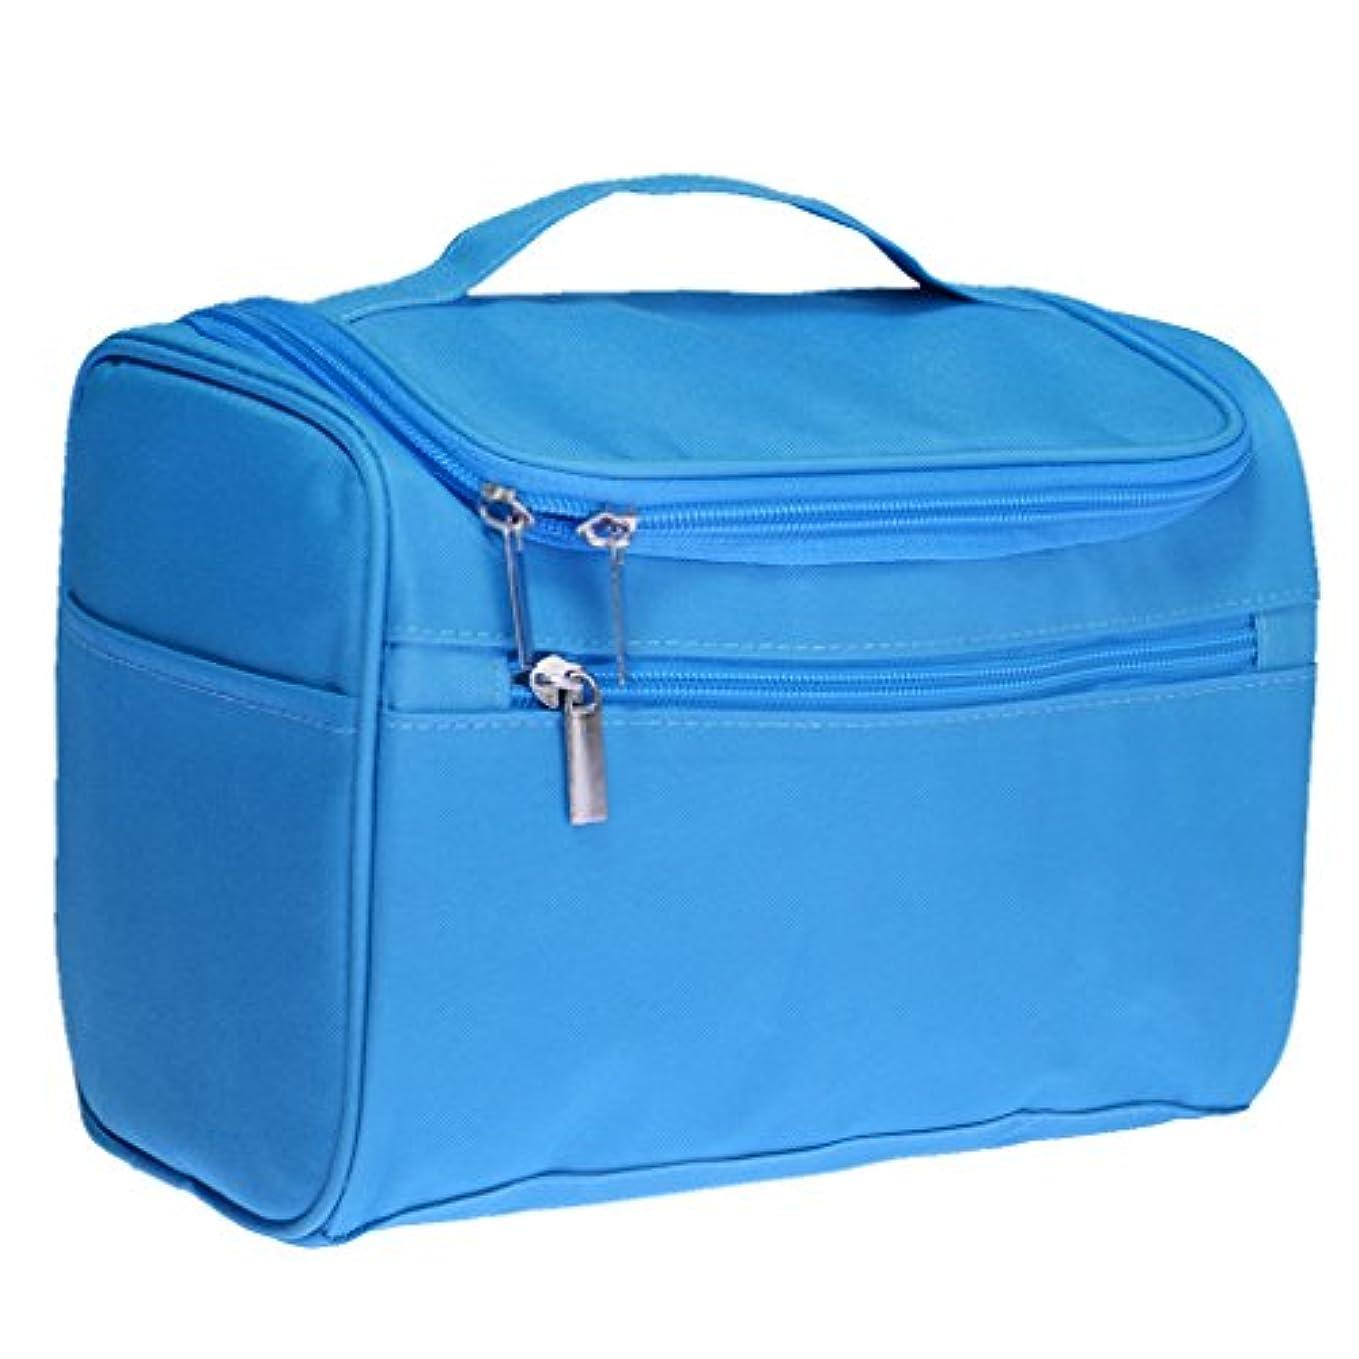 節約する希少性こしょうHomyl 大容量 洗濯バッグ 化粧品袋 メーキャップ 化粧品 収納袋 実用的 二重目的 トイレタリーバッグ 多種選べる - #4